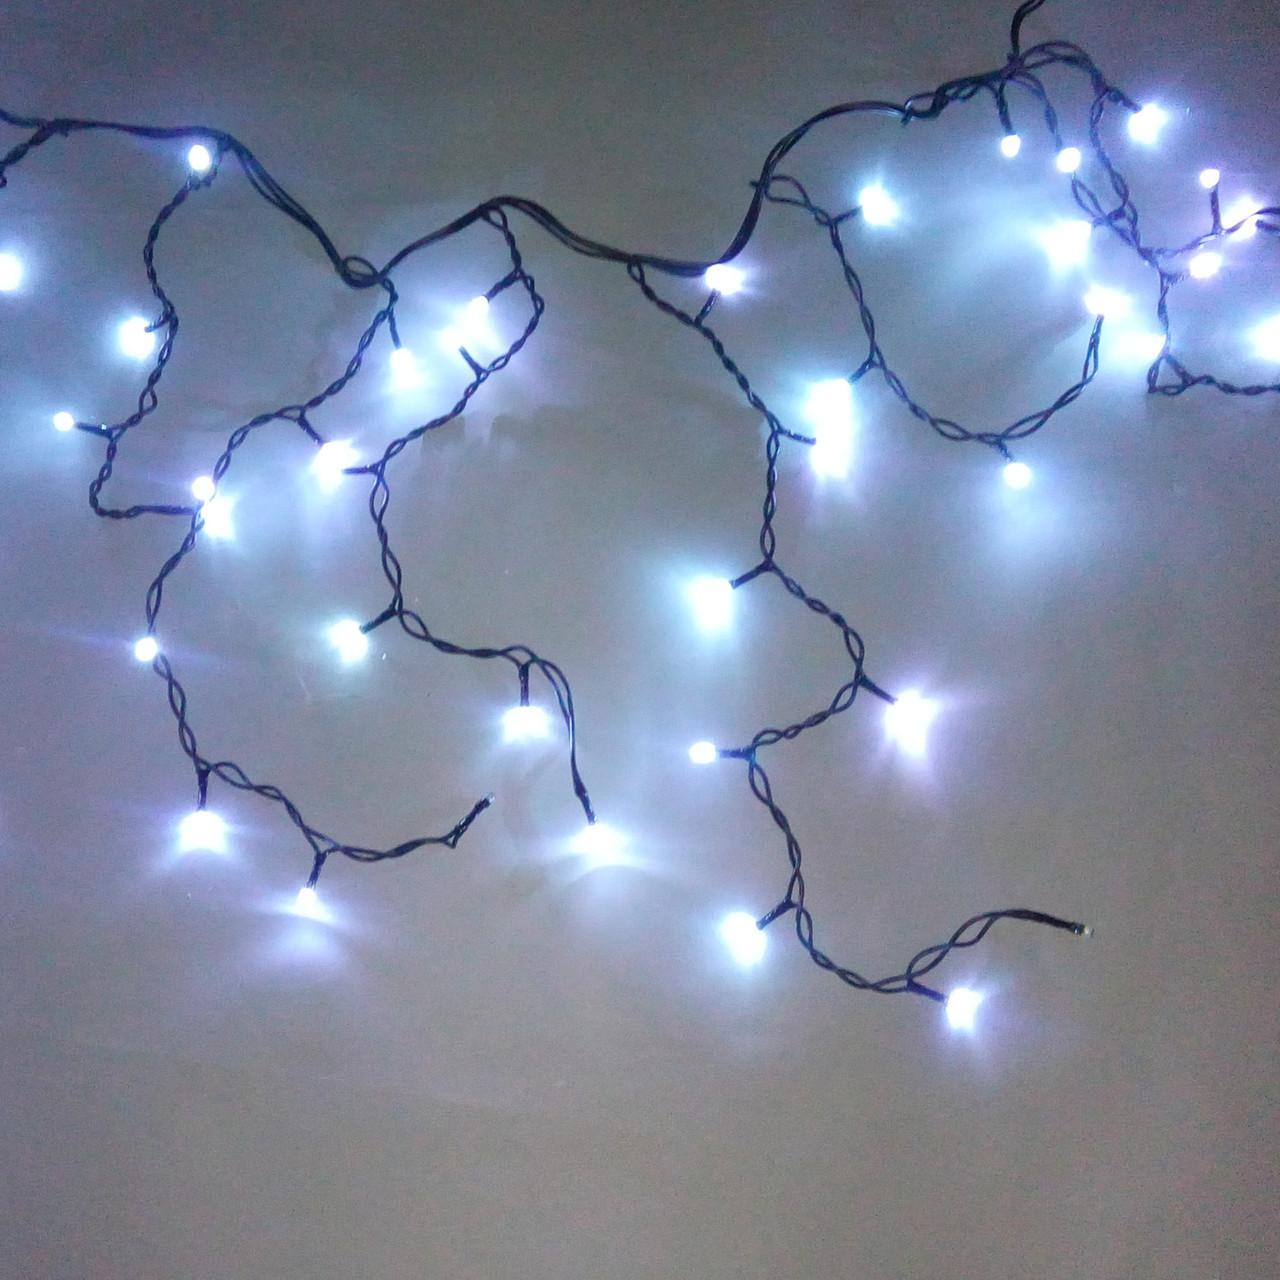 Светодиодная гирлянда Бахрома Flash, 3х0.6 м, 2,2мм Белая/Черный Каучук